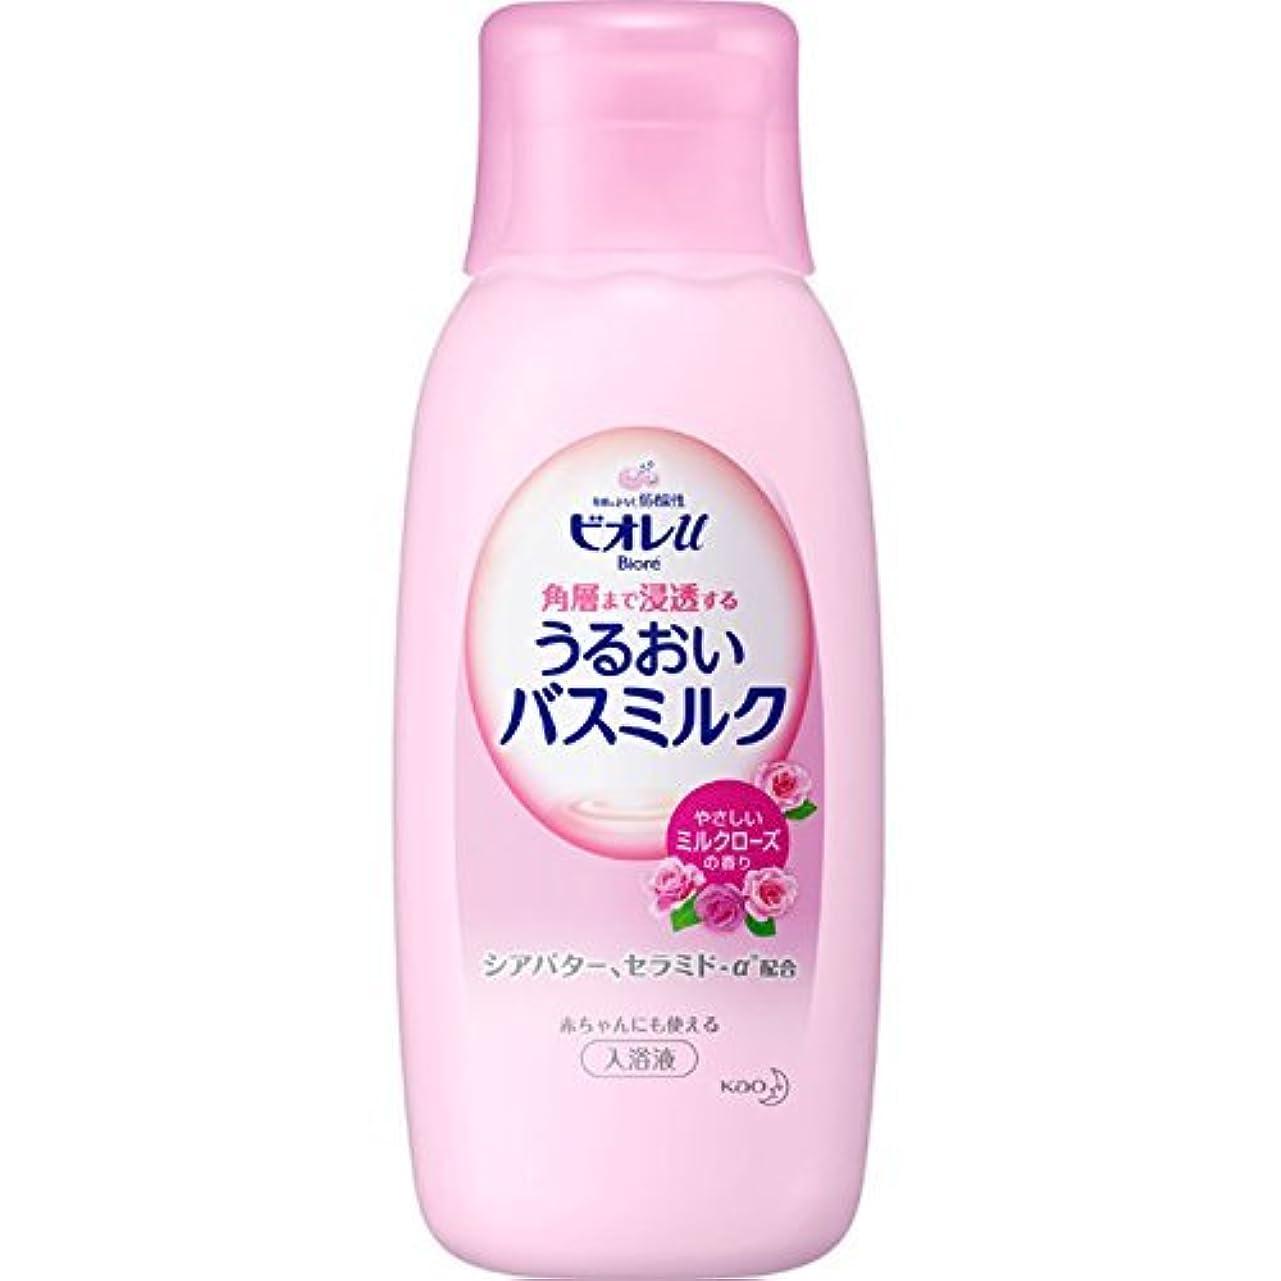 過言管理します世論調査【花王】ビオレU 家族みんなのすべすべバスミルク ミルクローズの香り <本体> 600ml ×20個セット